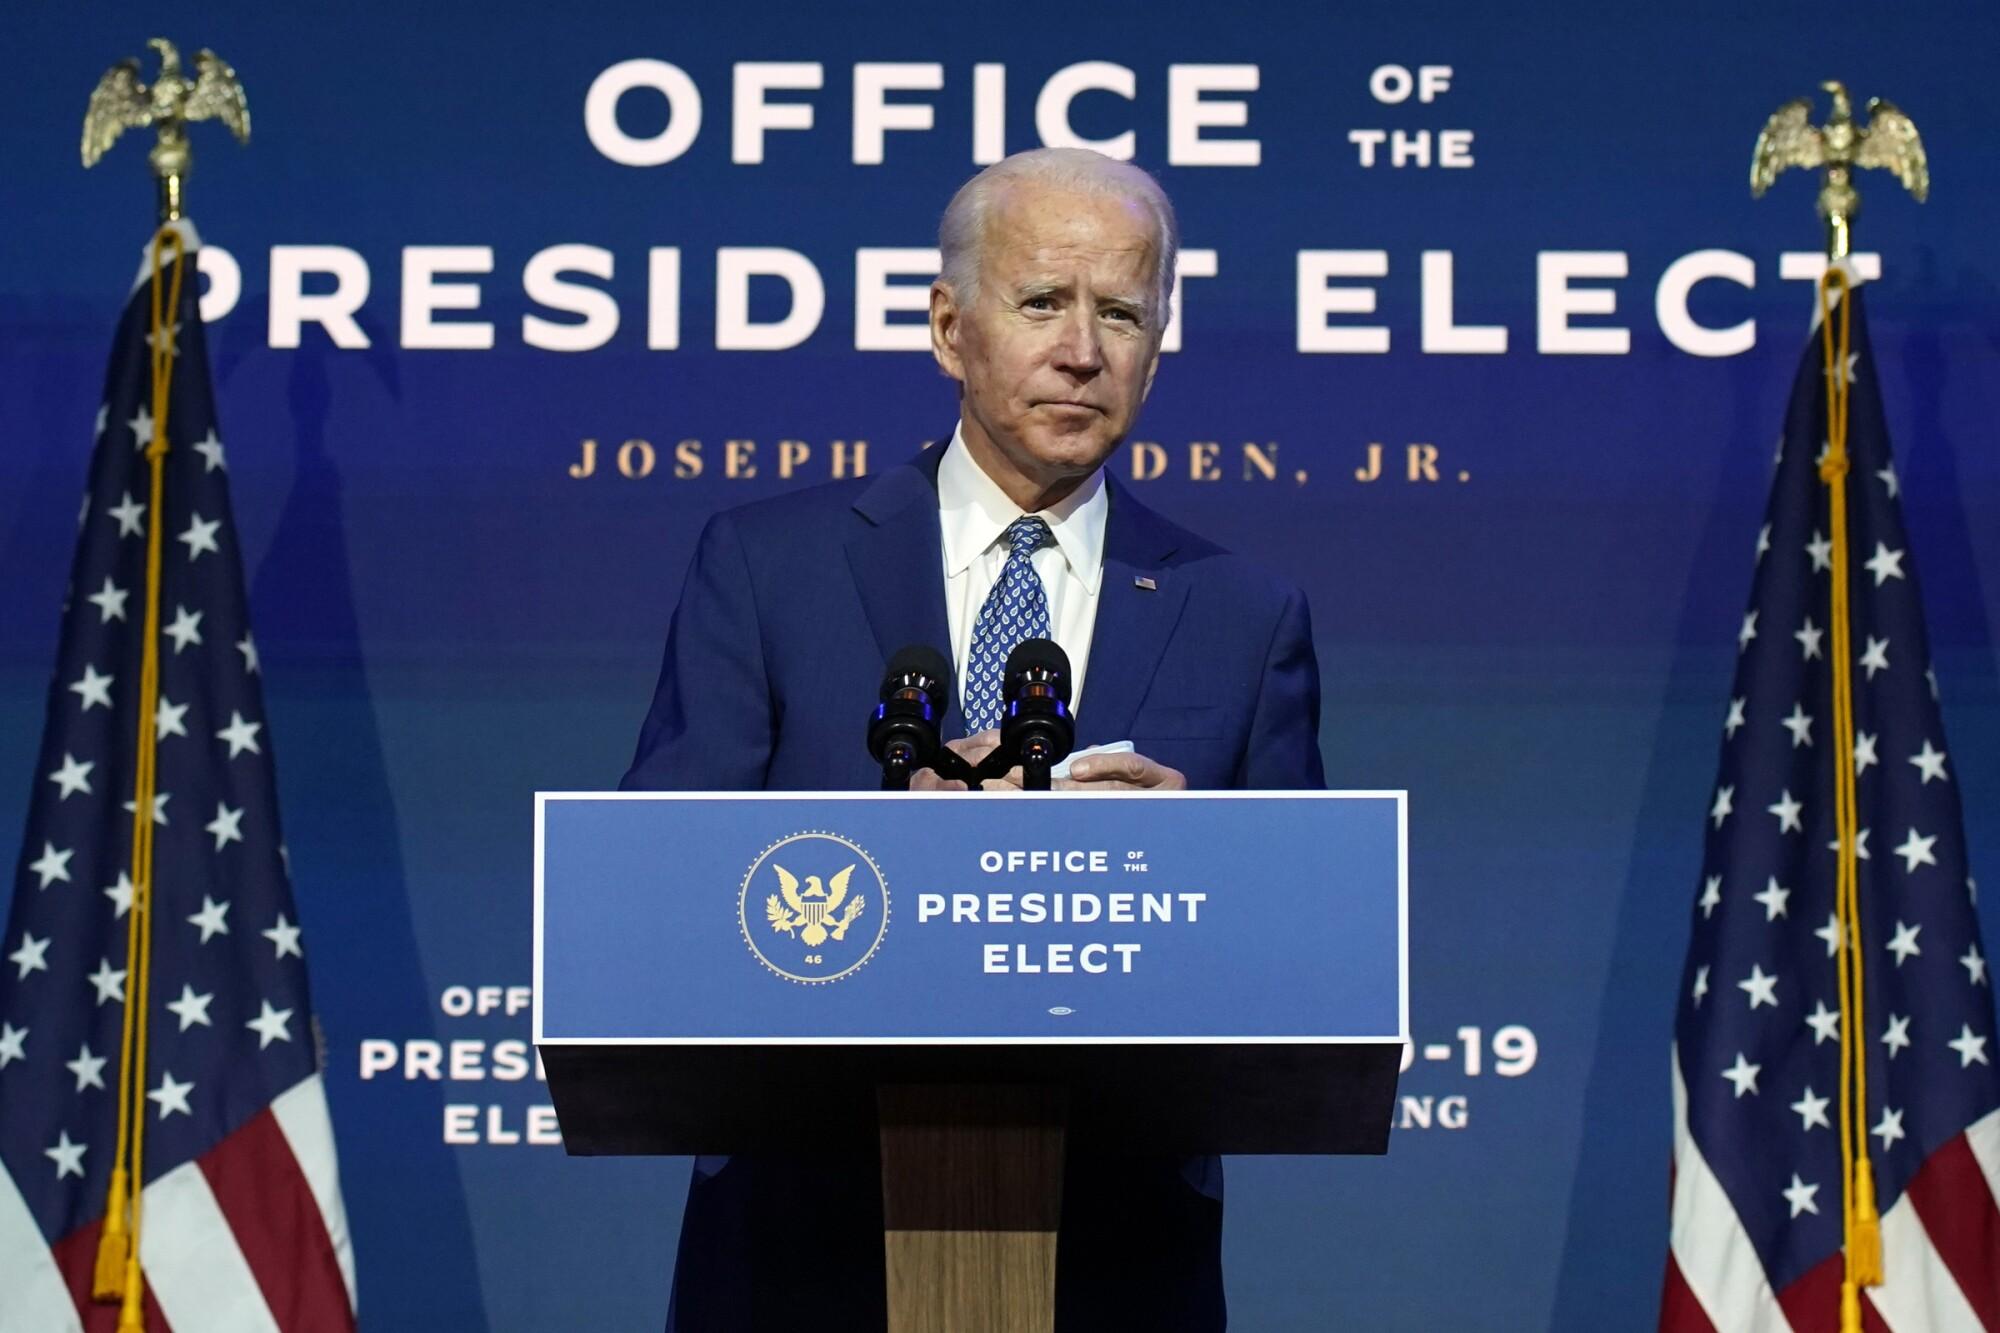 President-elect Joe Biden speaks at the Queen theater in Wilmington, Del.